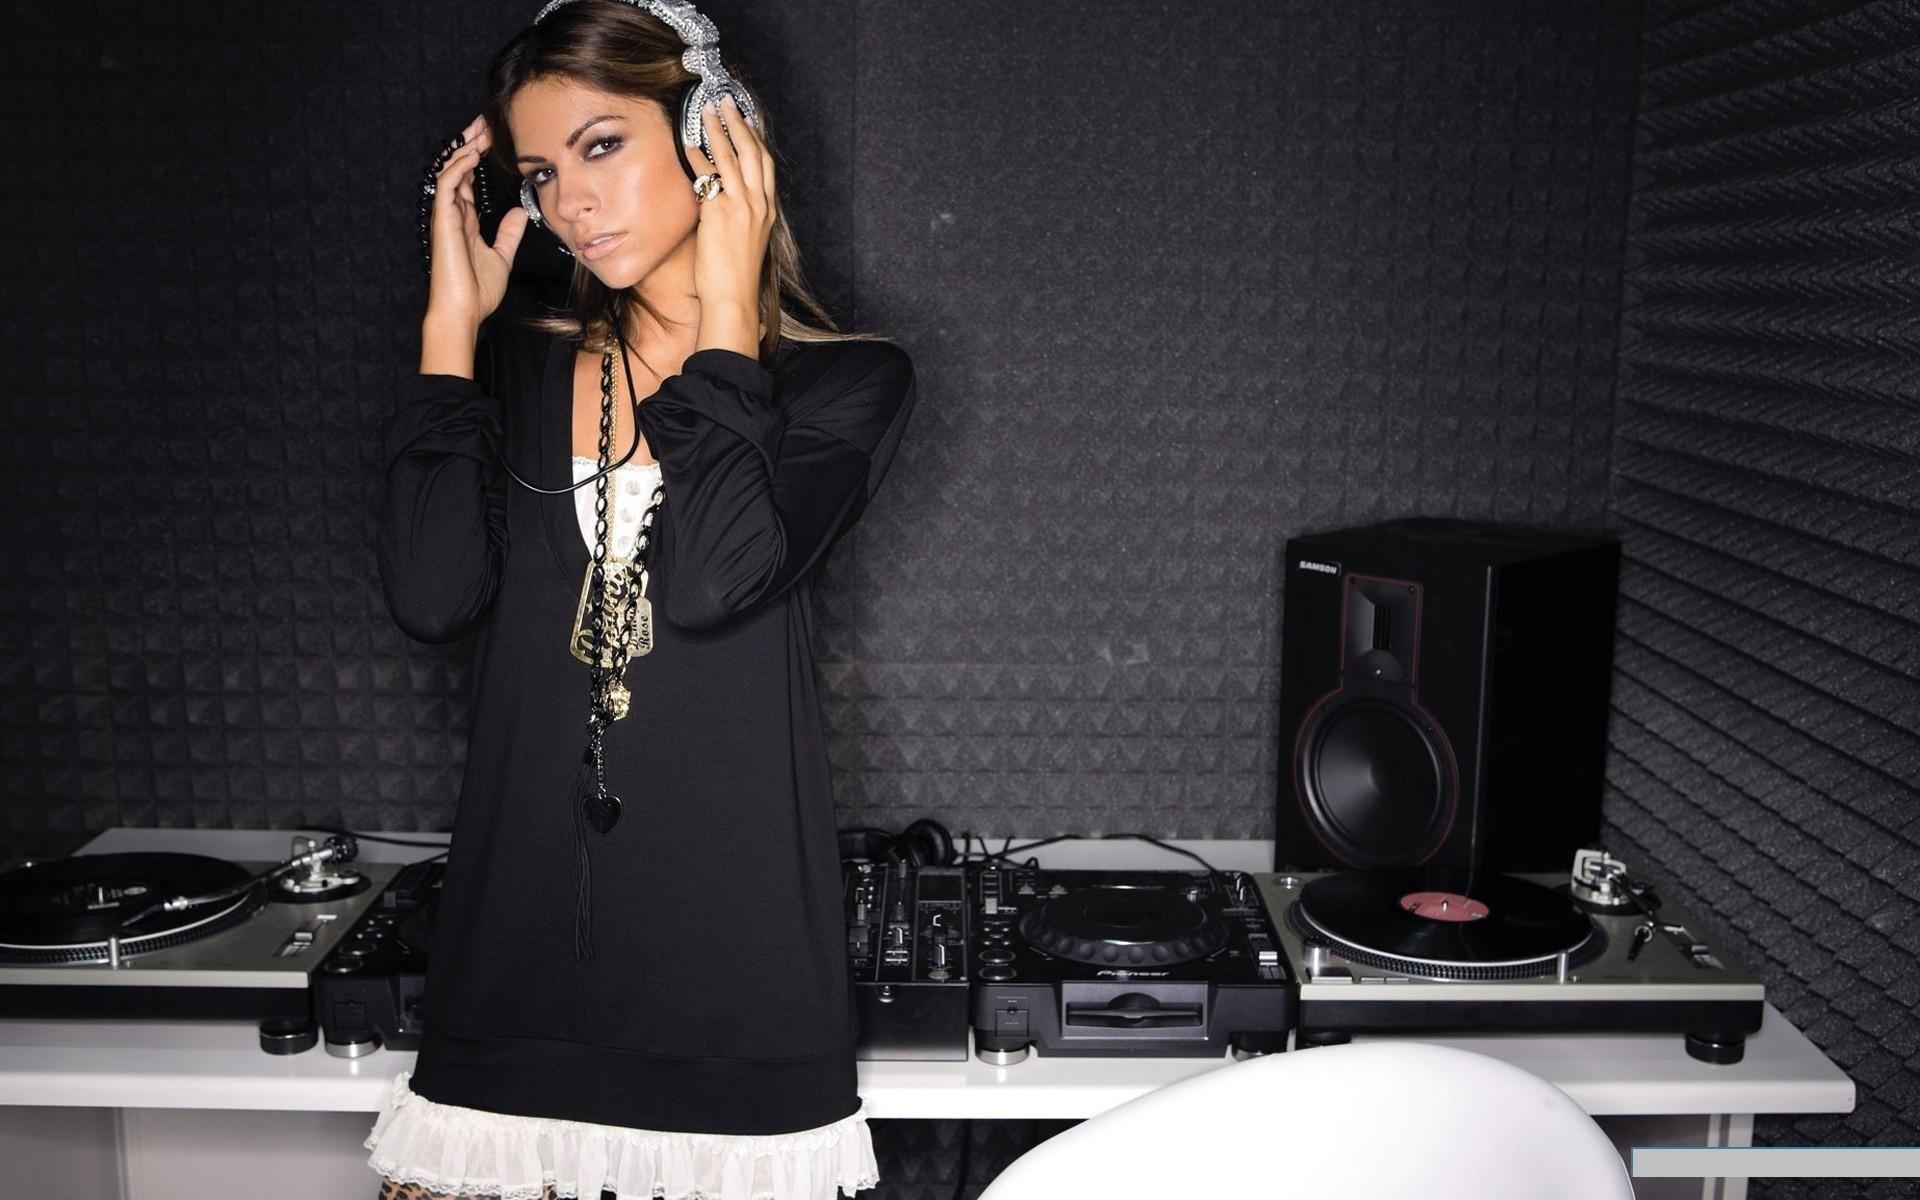 Una hermosa DJ - 1920x1200